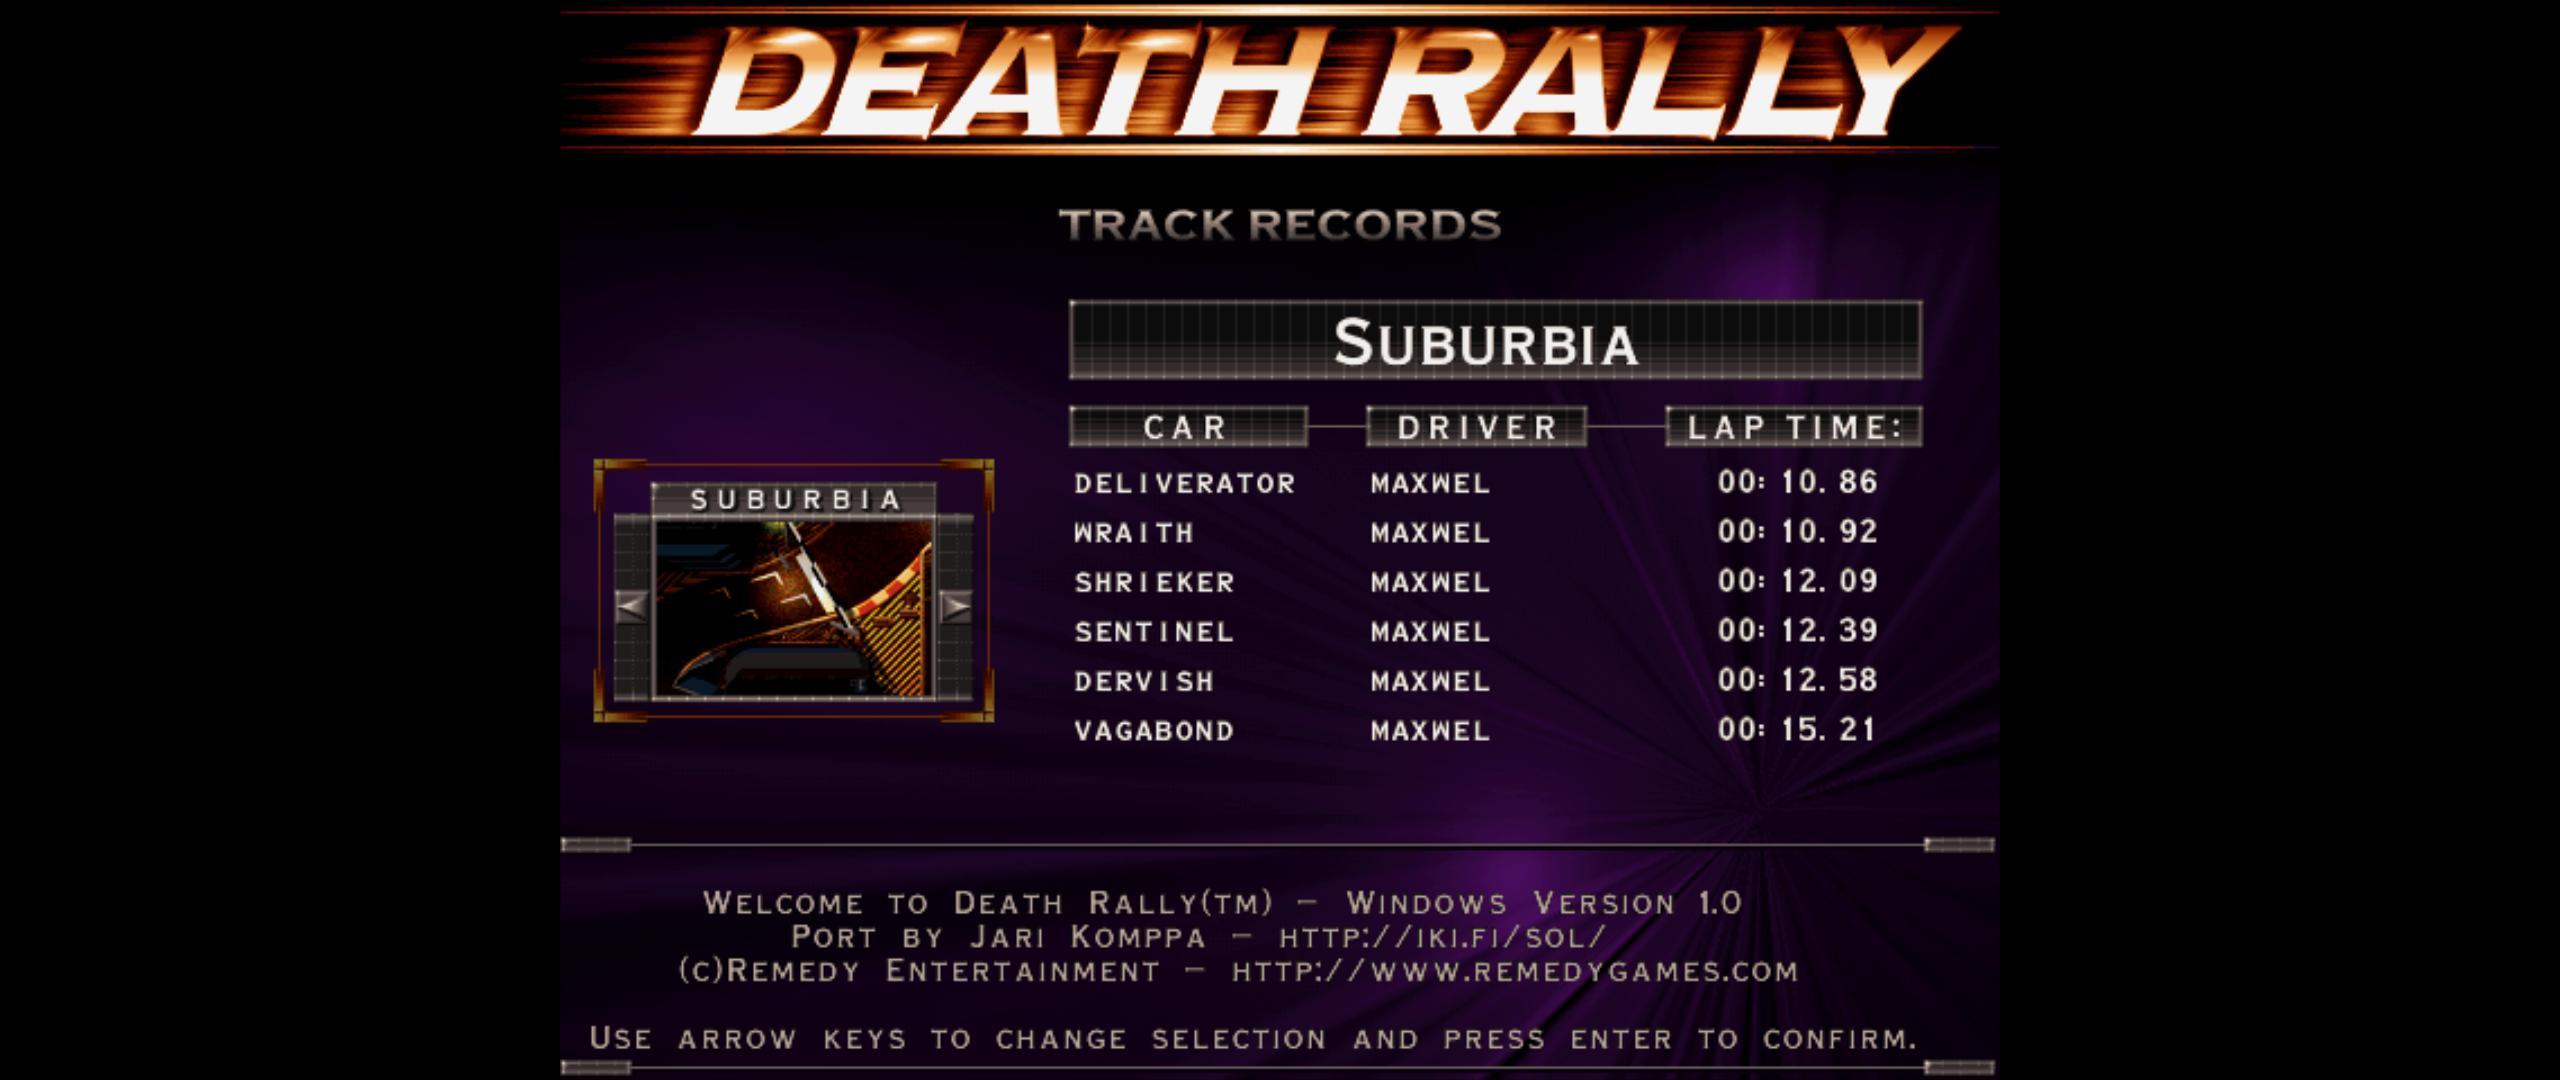 Maxwel: Death Rally [Suburbia, Wraith Car] (PC) 0:00:10.92 points on 2016-03-01 14:42:13